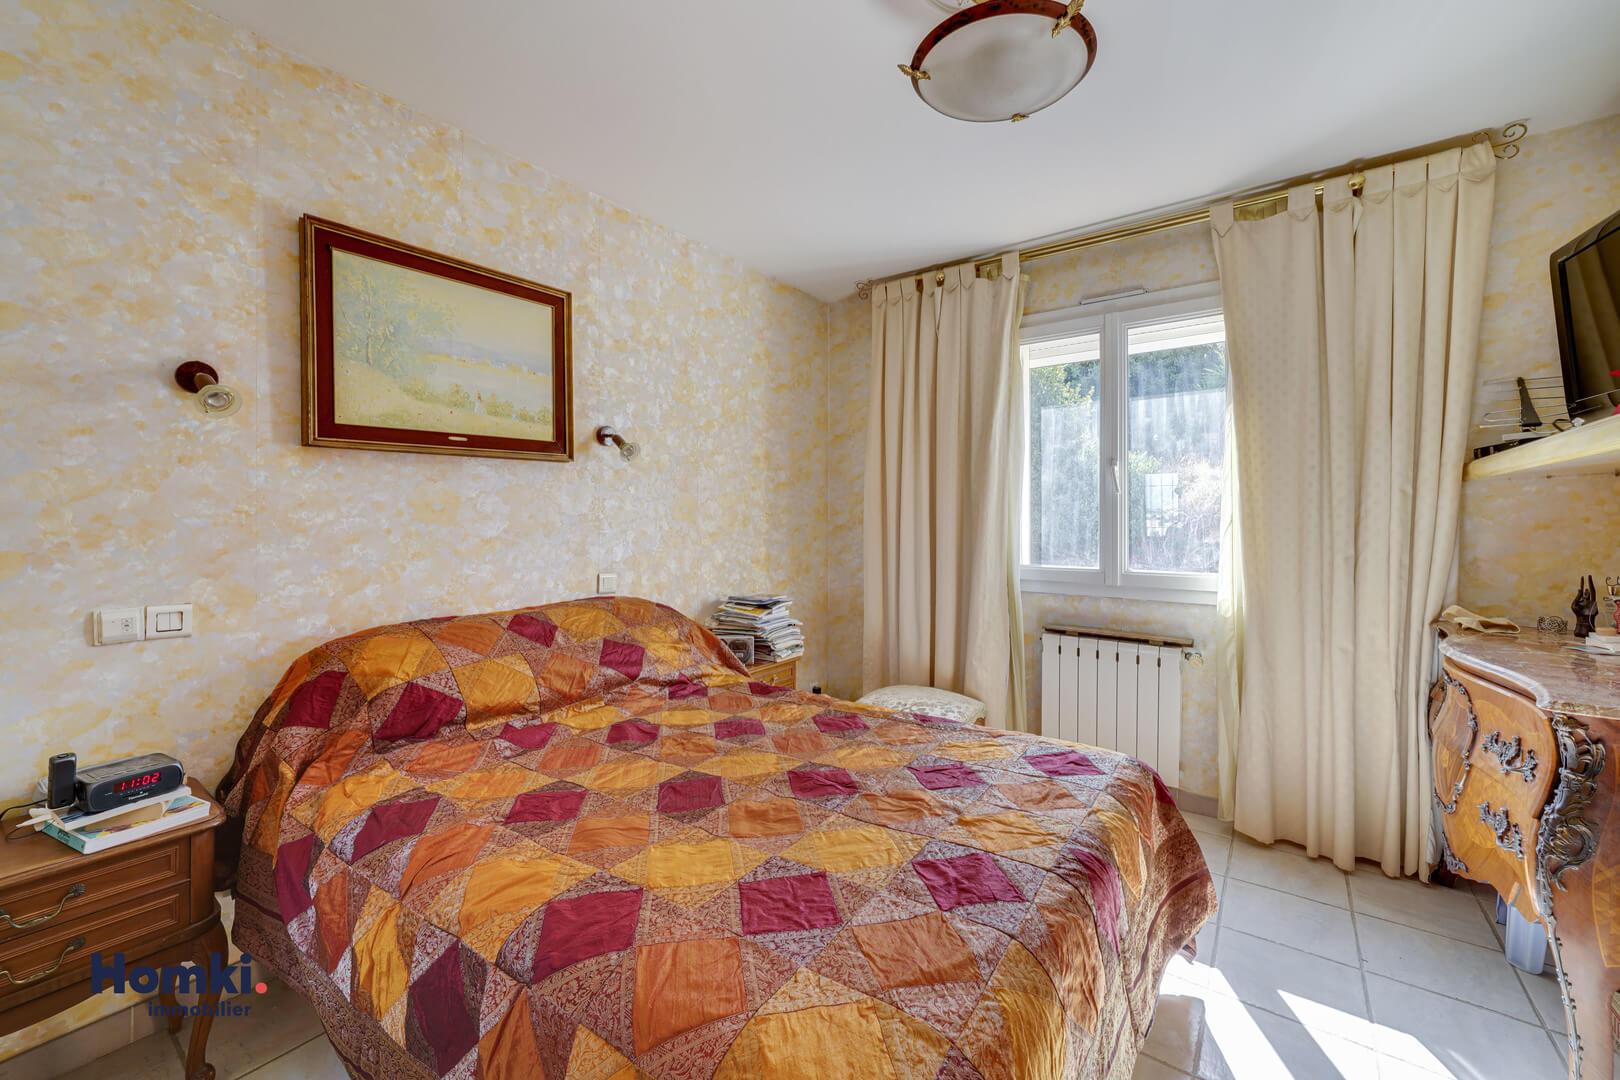 Vente Maison 105 m² T6 13011 Marseille_11